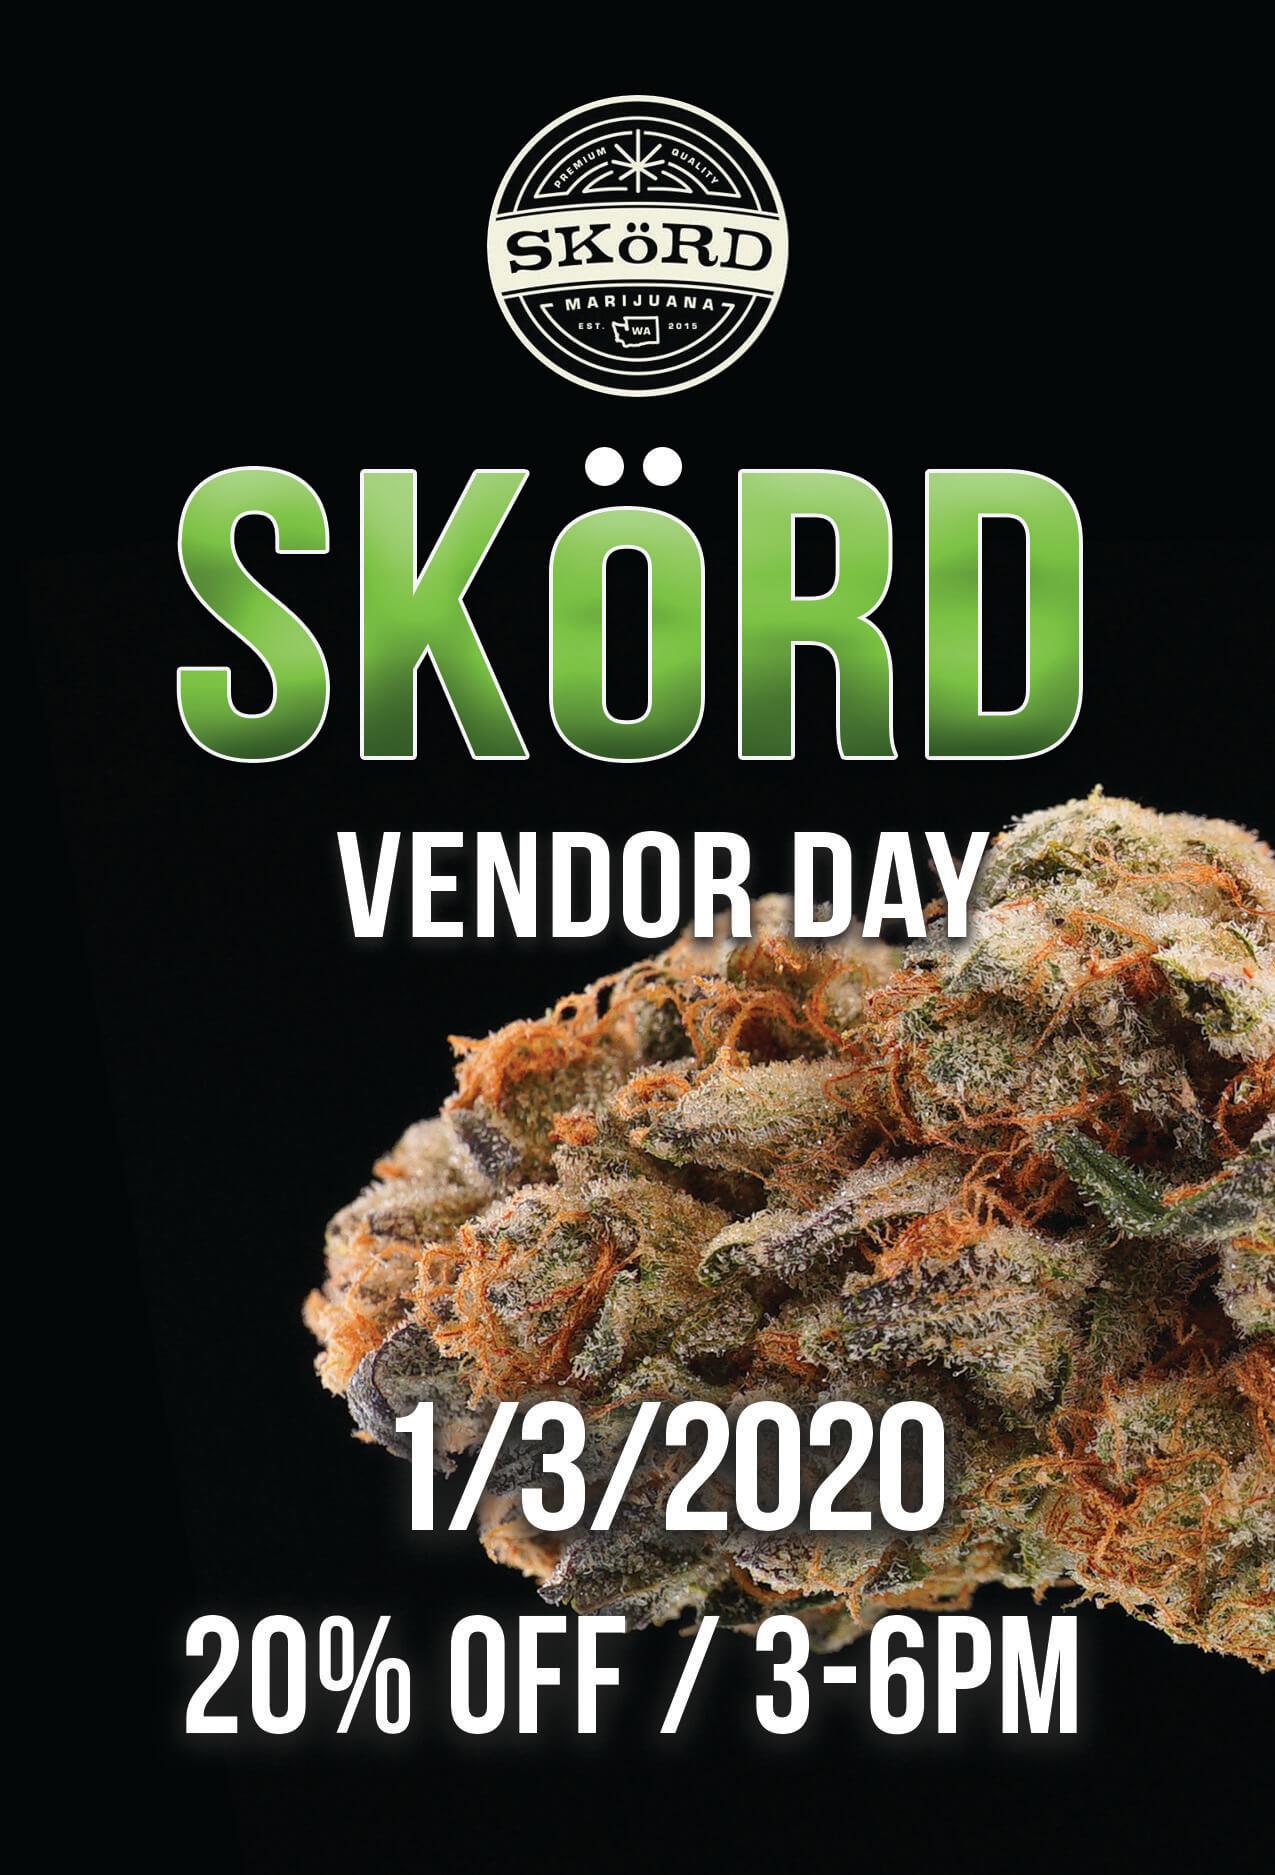 SKORD Vendor Day – 1/3/2020